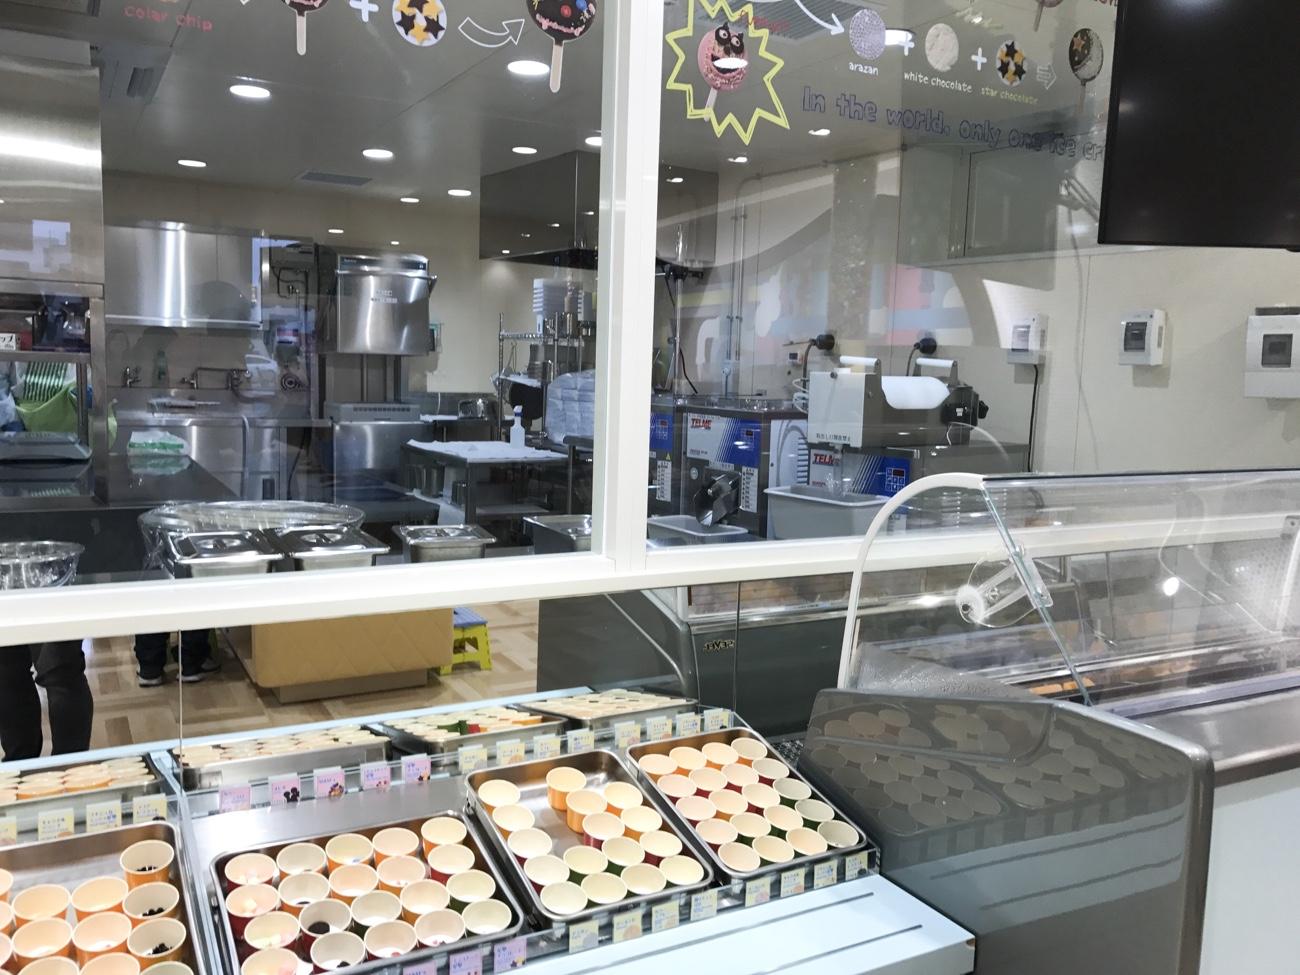 ブルーシールアイスクリーム工場見学